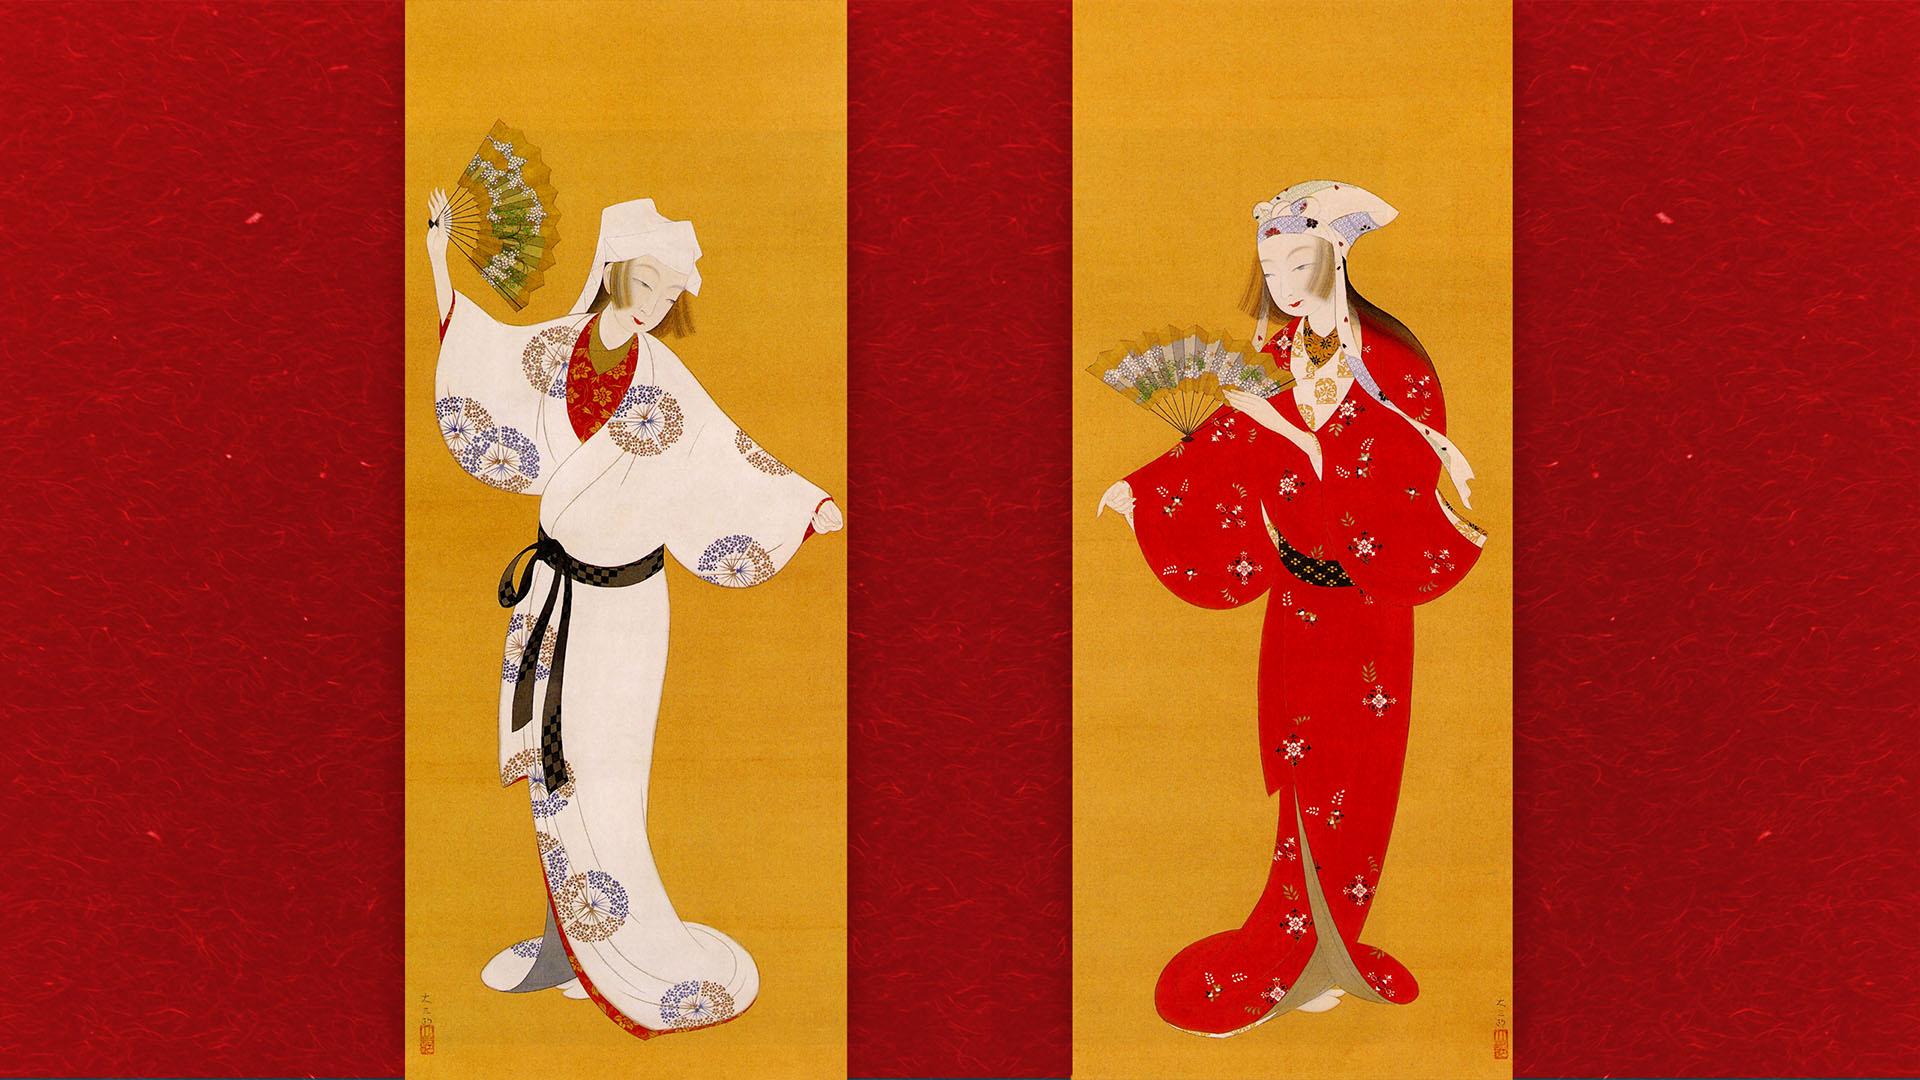 Nakamura Daizaburo - Futari maiko 1920x1080